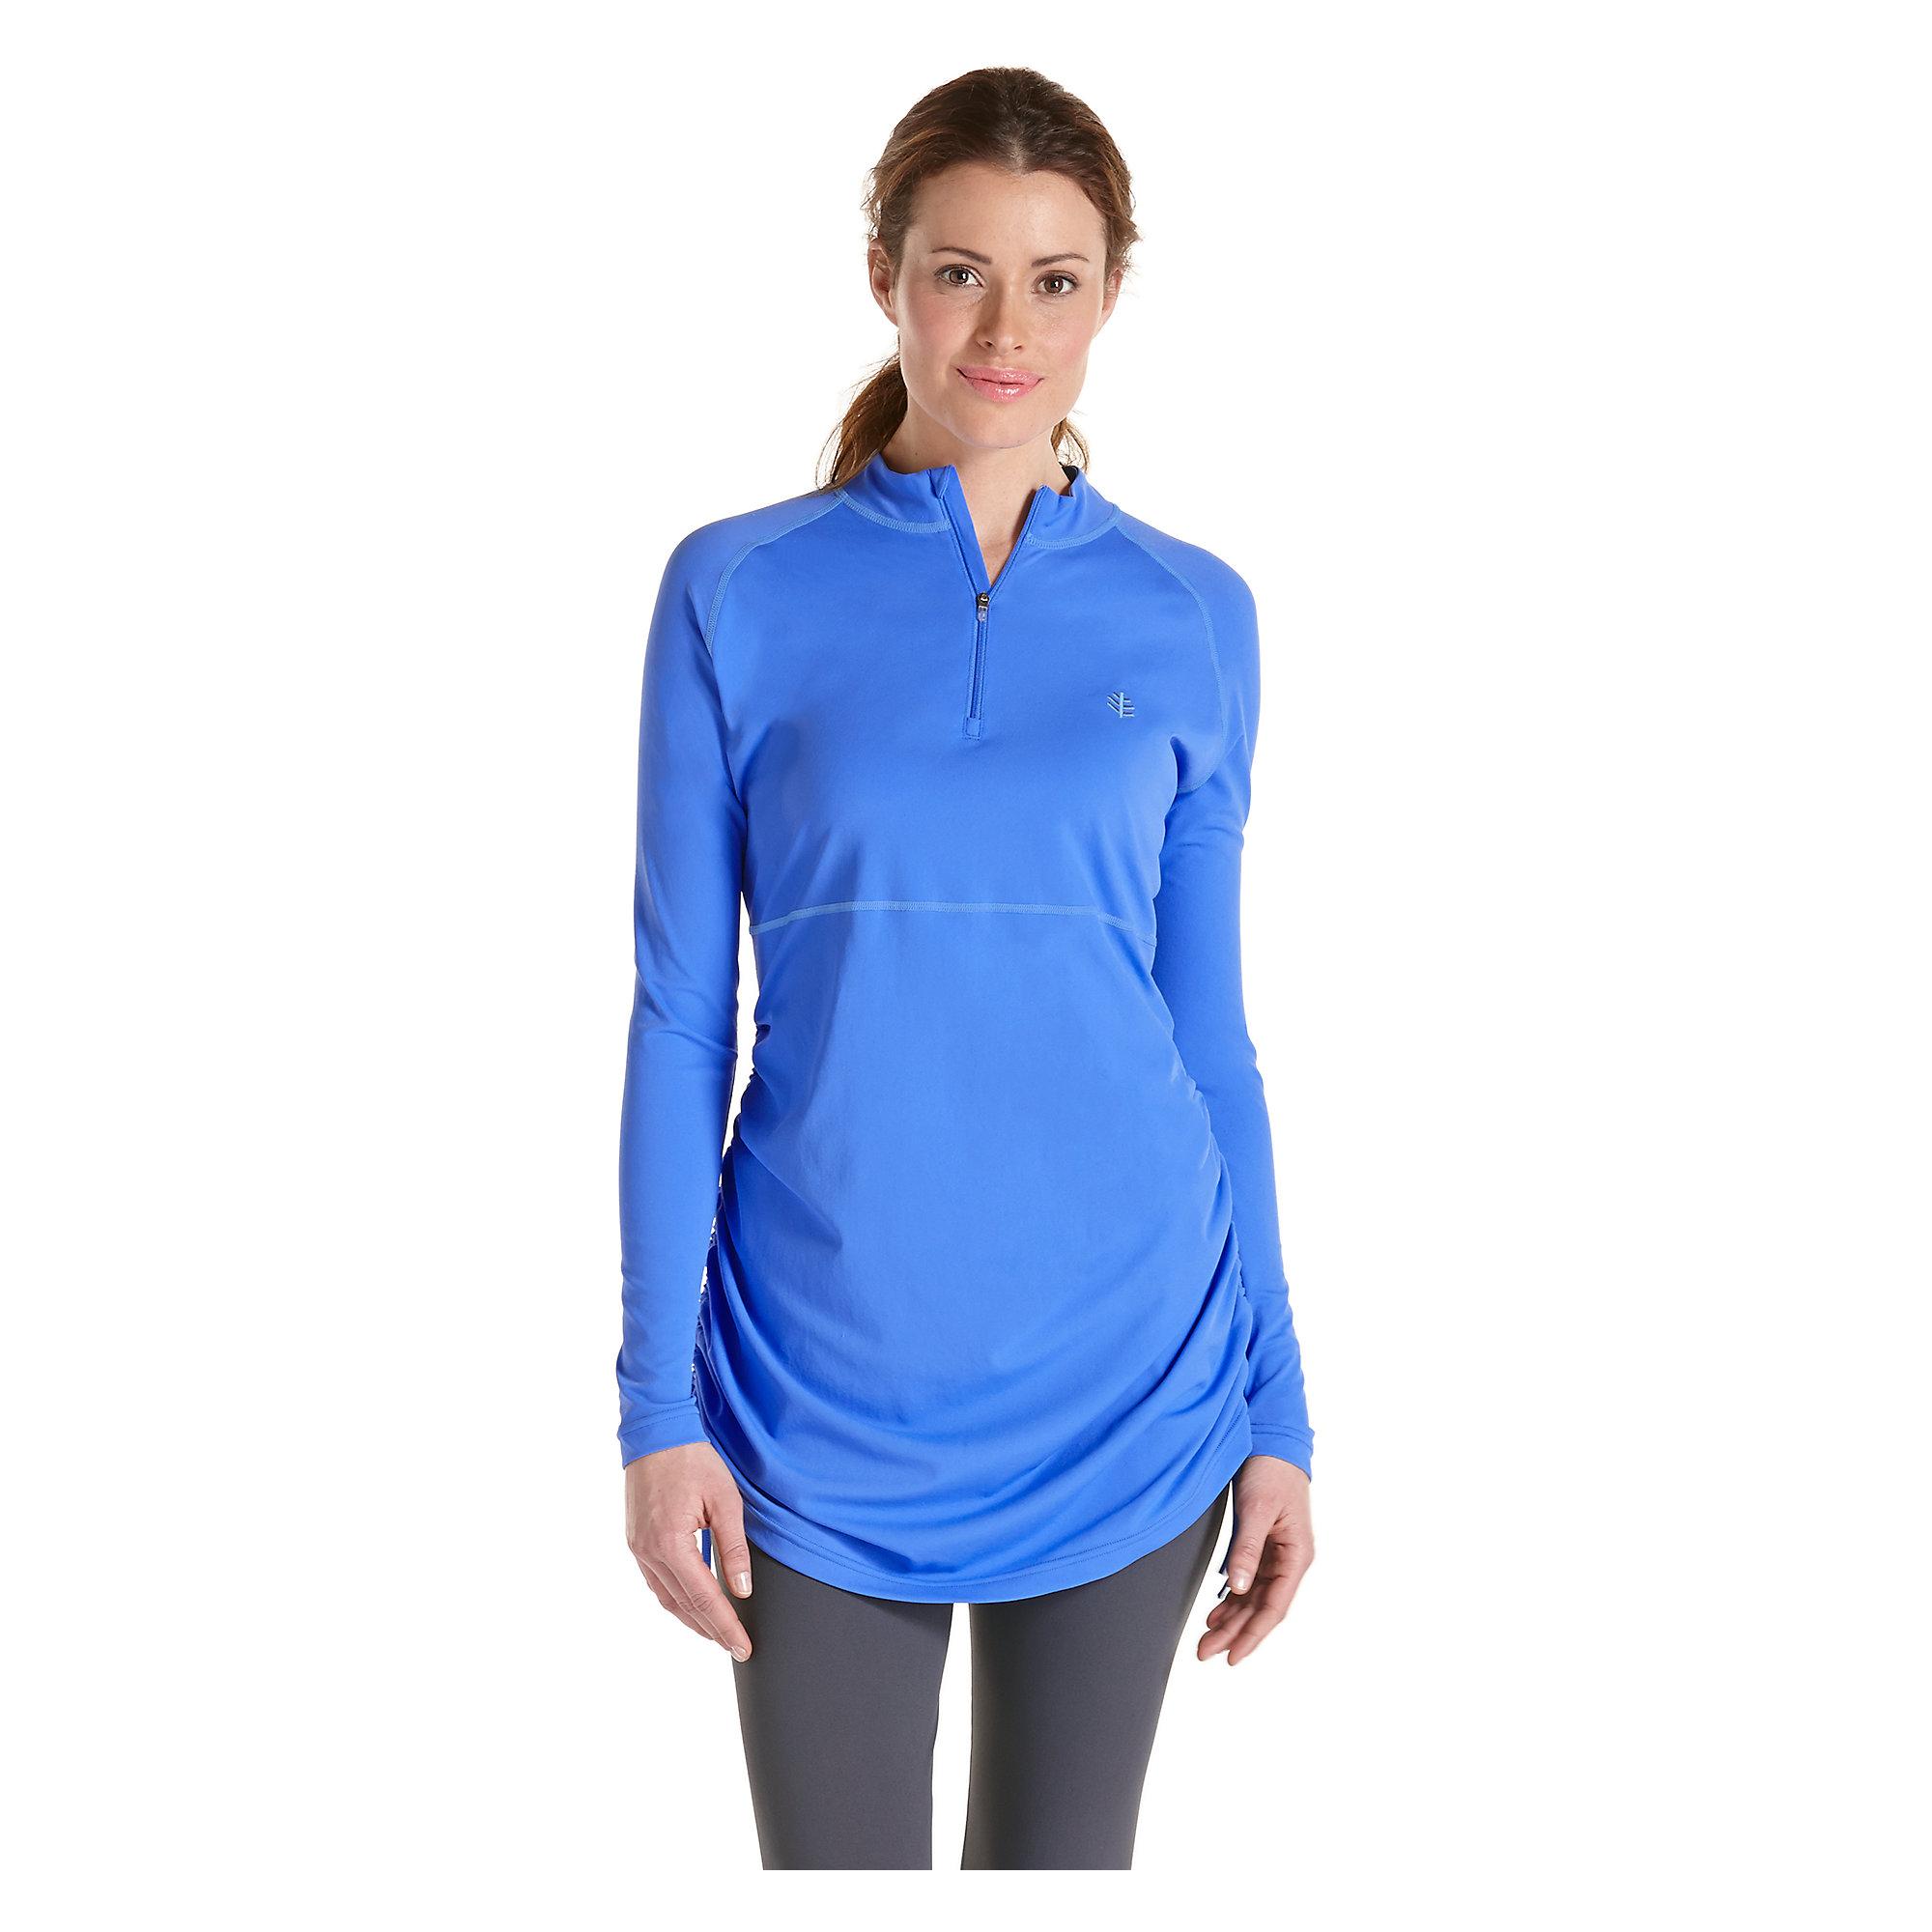 Coolibar upf 50 women 39 s ruche swim shirt sun protective for Custom sun protection shirts